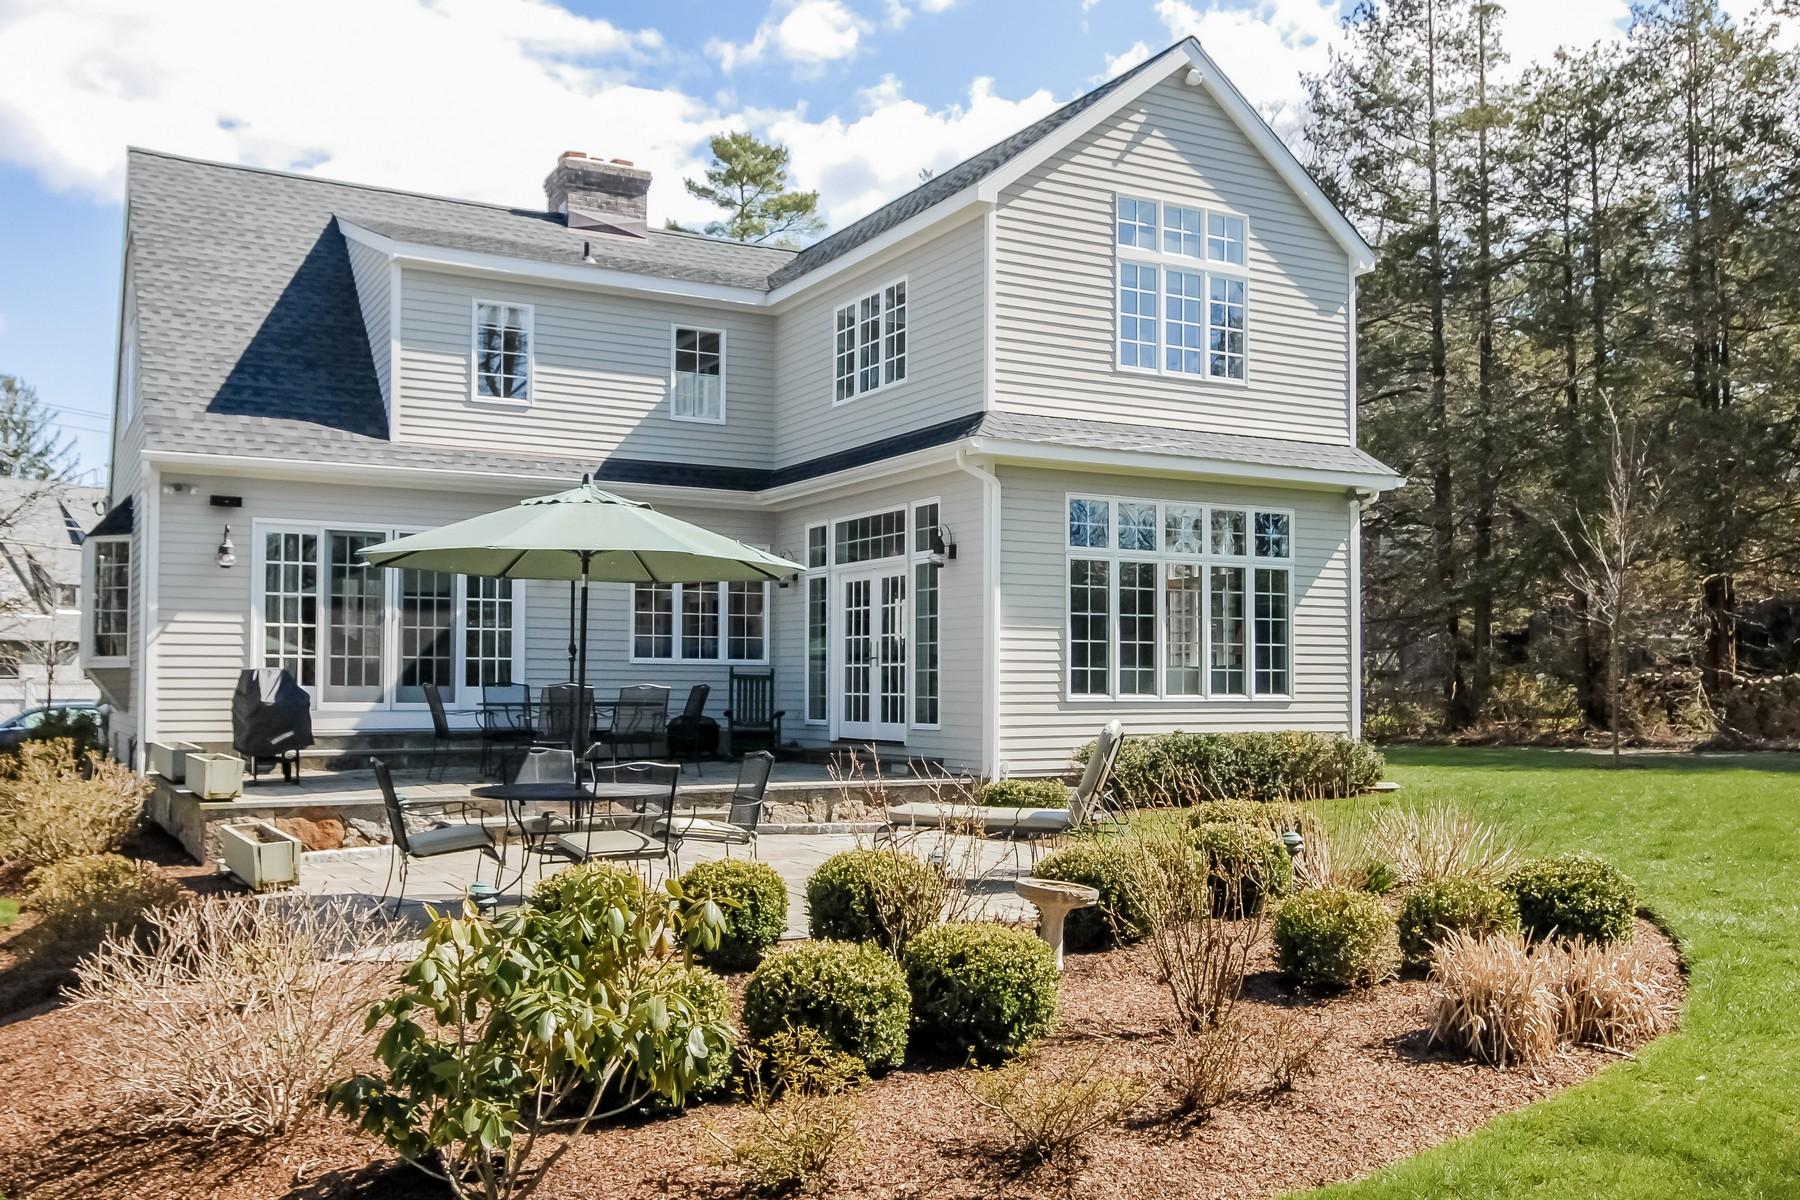 단독 가정 주택 용 매매 에 Impeccably Remodeled Cape 9 Ivy Hill Road Ridgefield, 코네티컷, 06877 미국